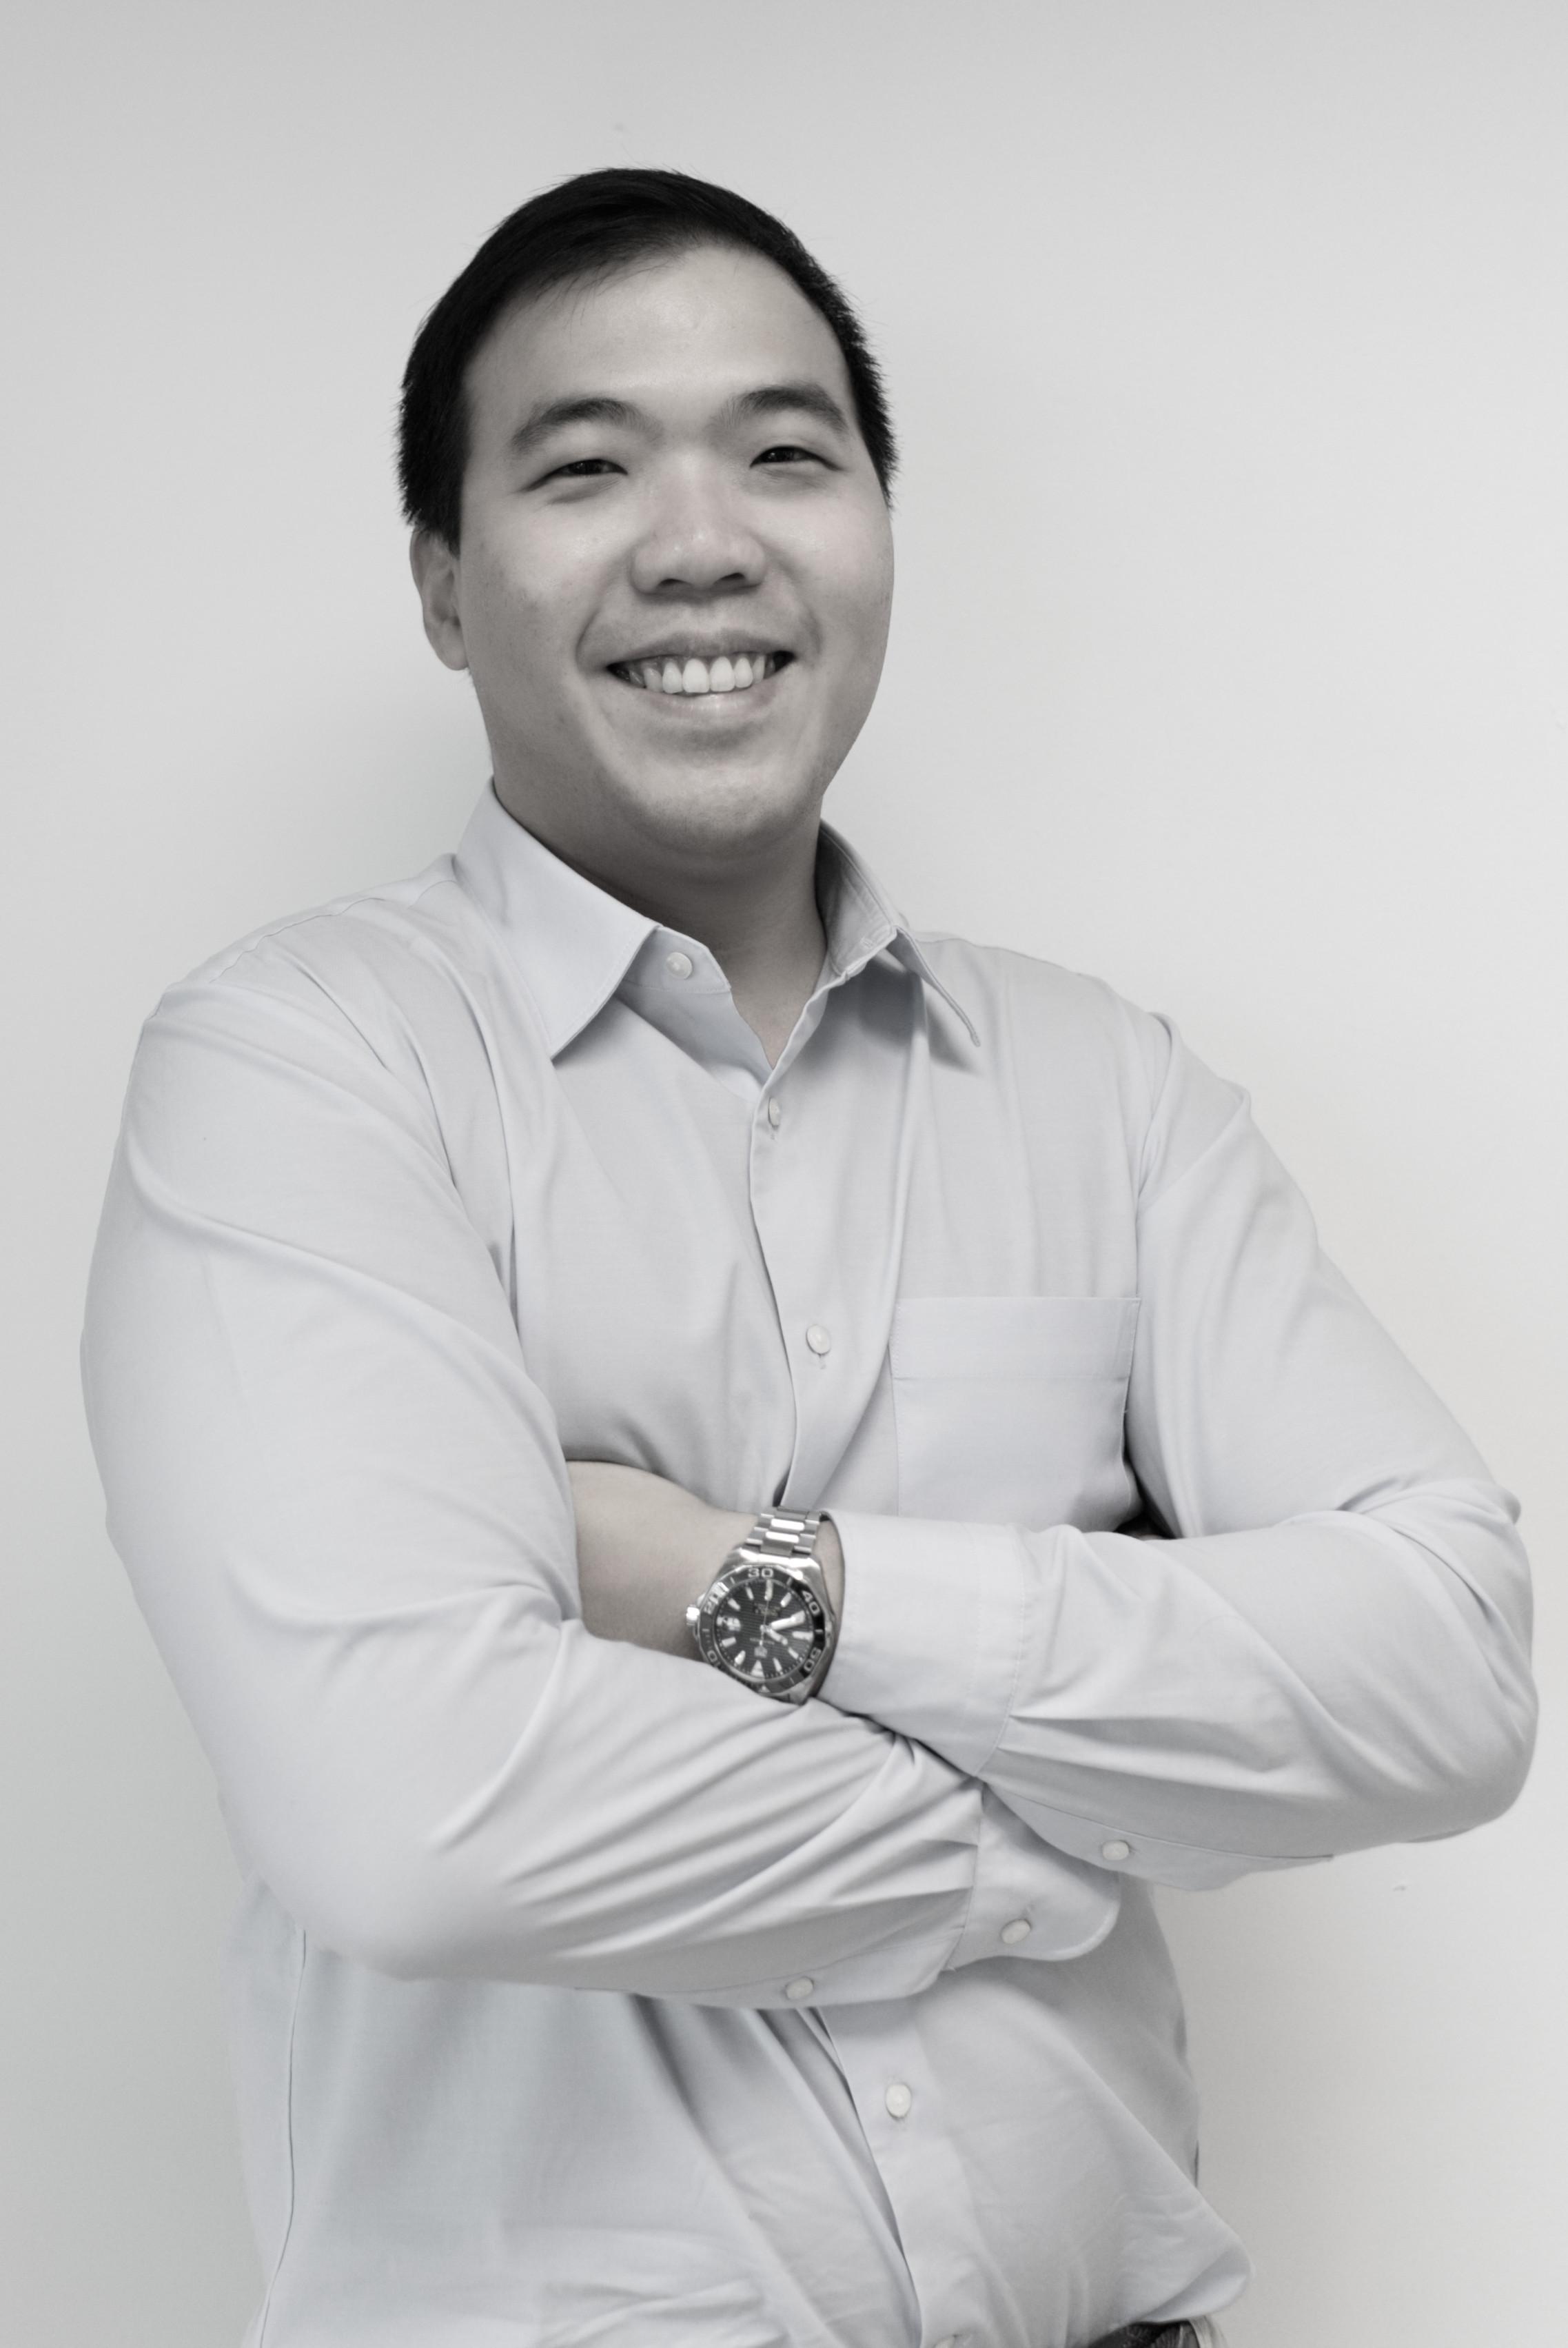 Russ Li Jinxin